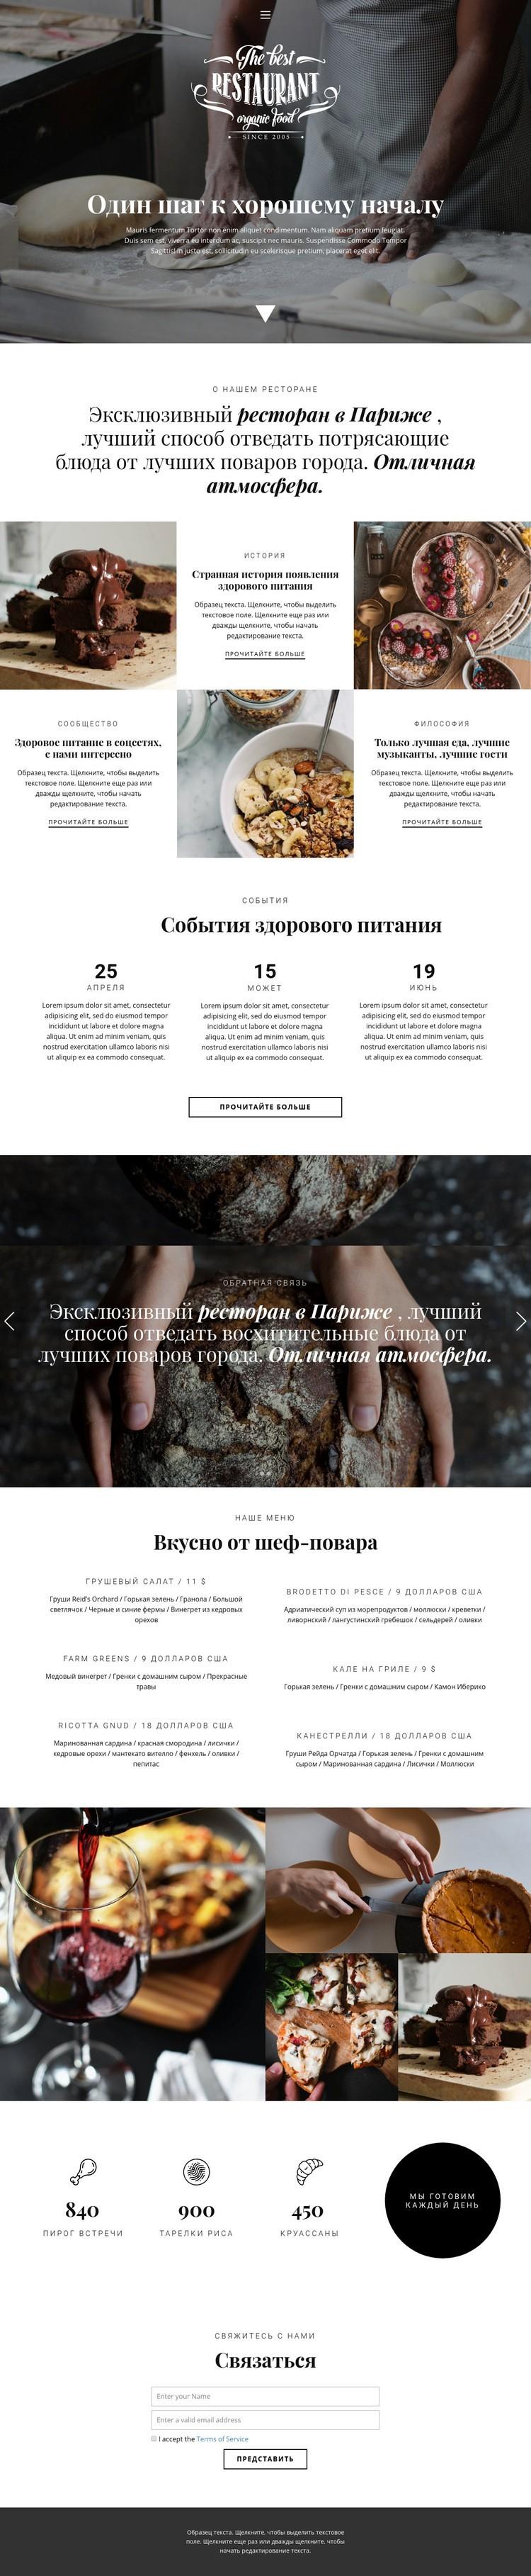 Ресторан здорового питания HTML шаблон